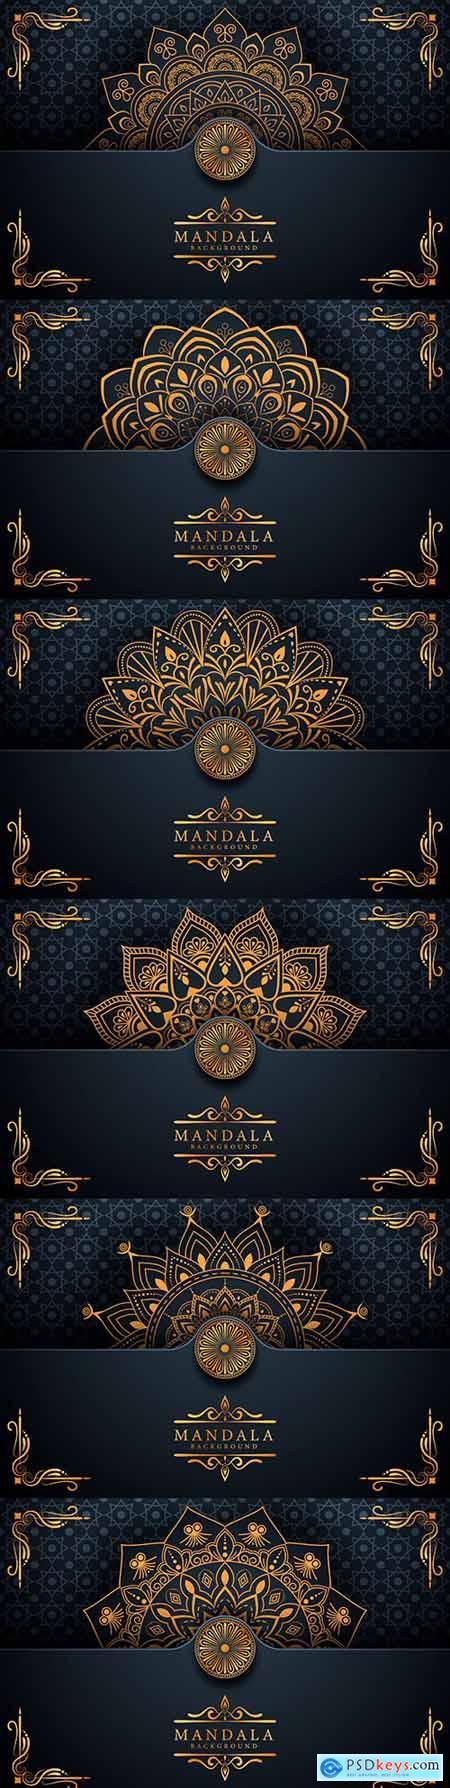 Creative luxury king mandala decorative background